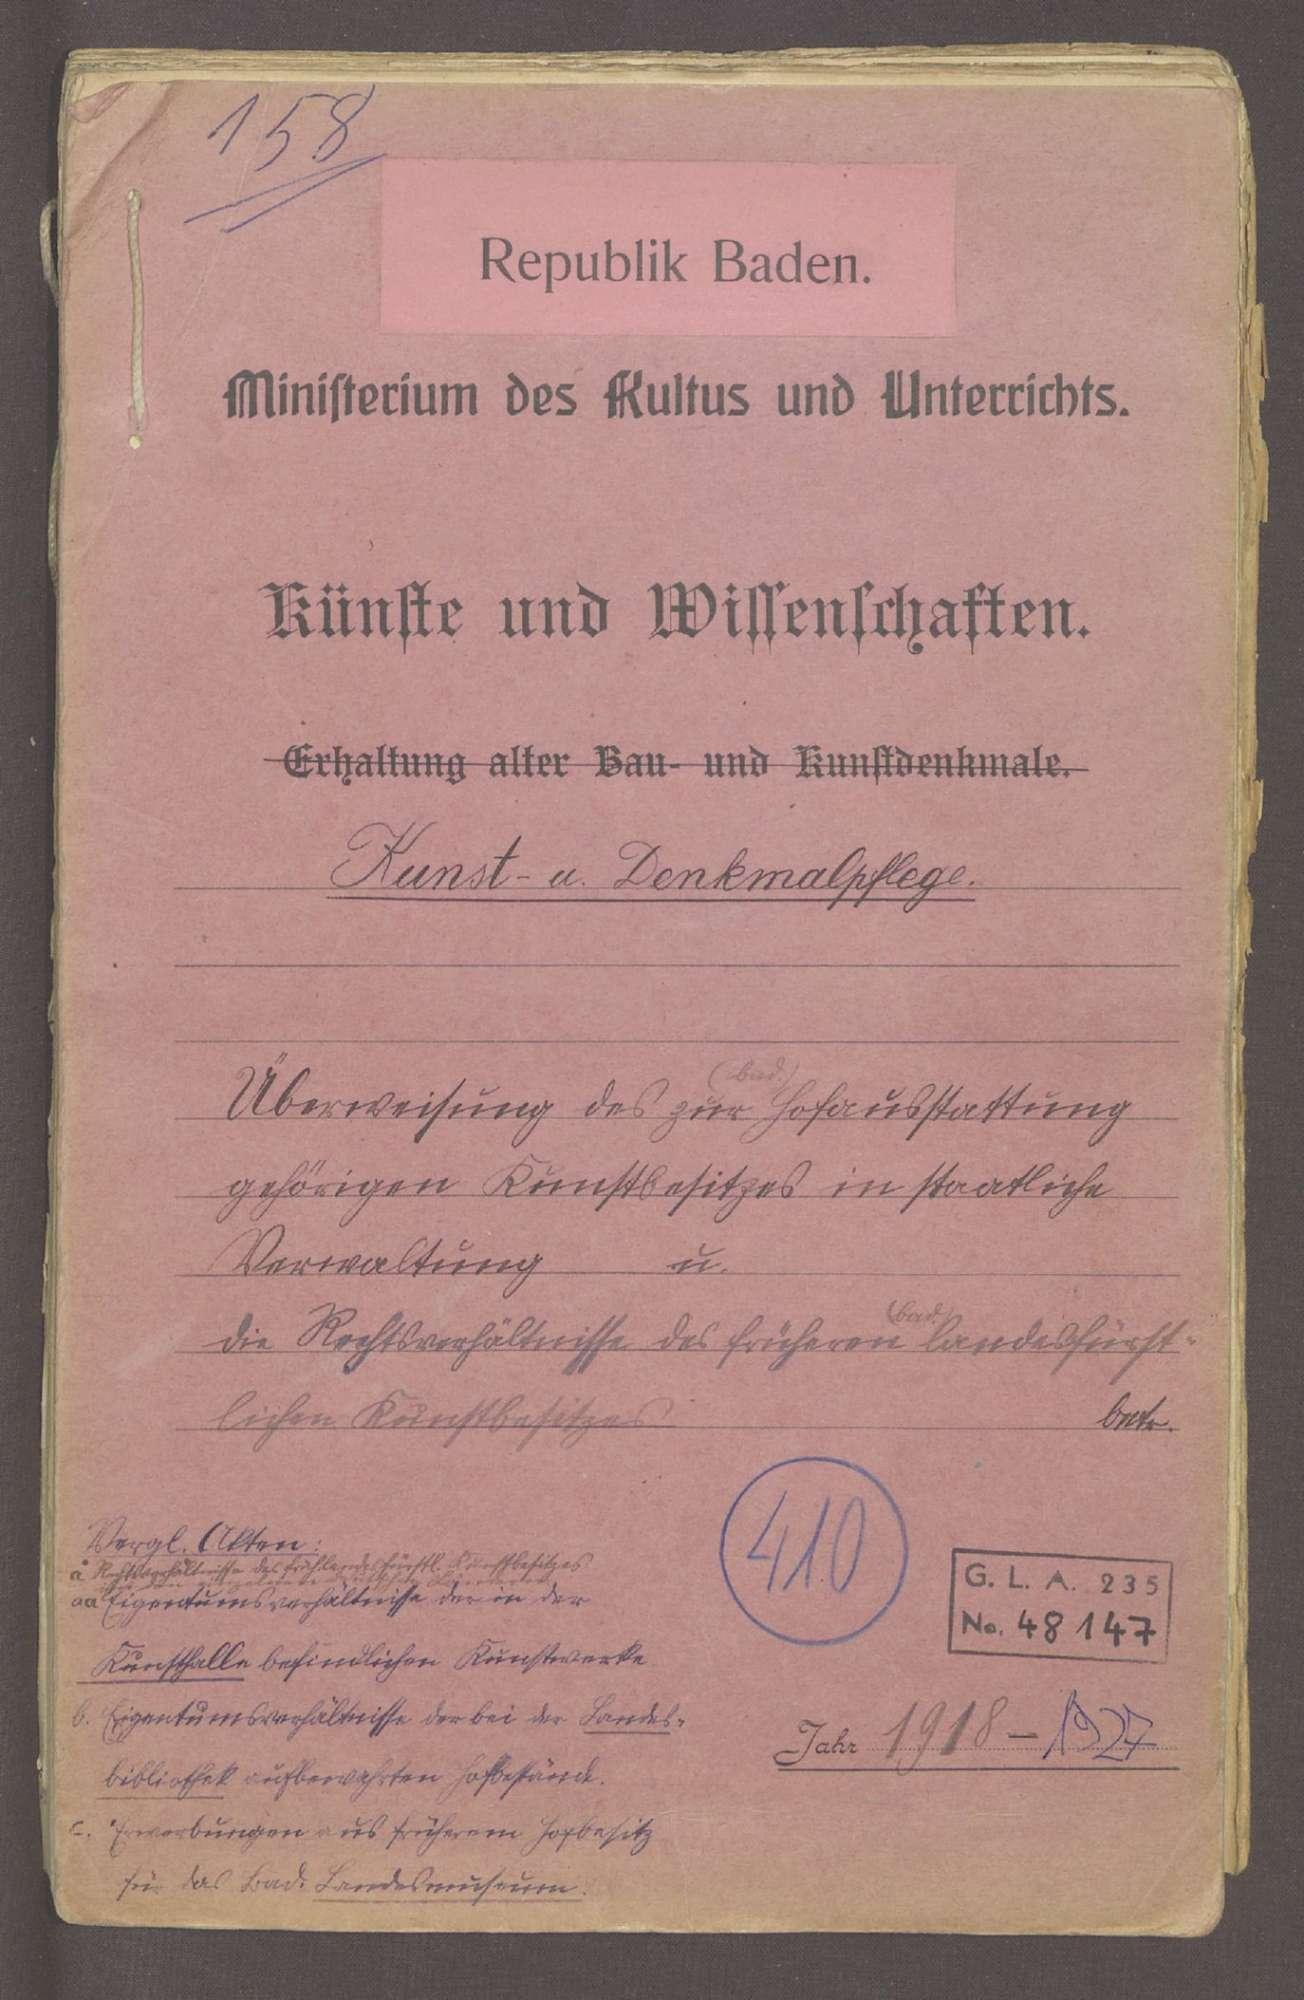 Überweisung des zur großherzoglichen Hofausstattung gehörigen Kunstbesitzes in die staatliche Verwaltung sowie die Klärung der Rechtsverhältnisse, Bild 1